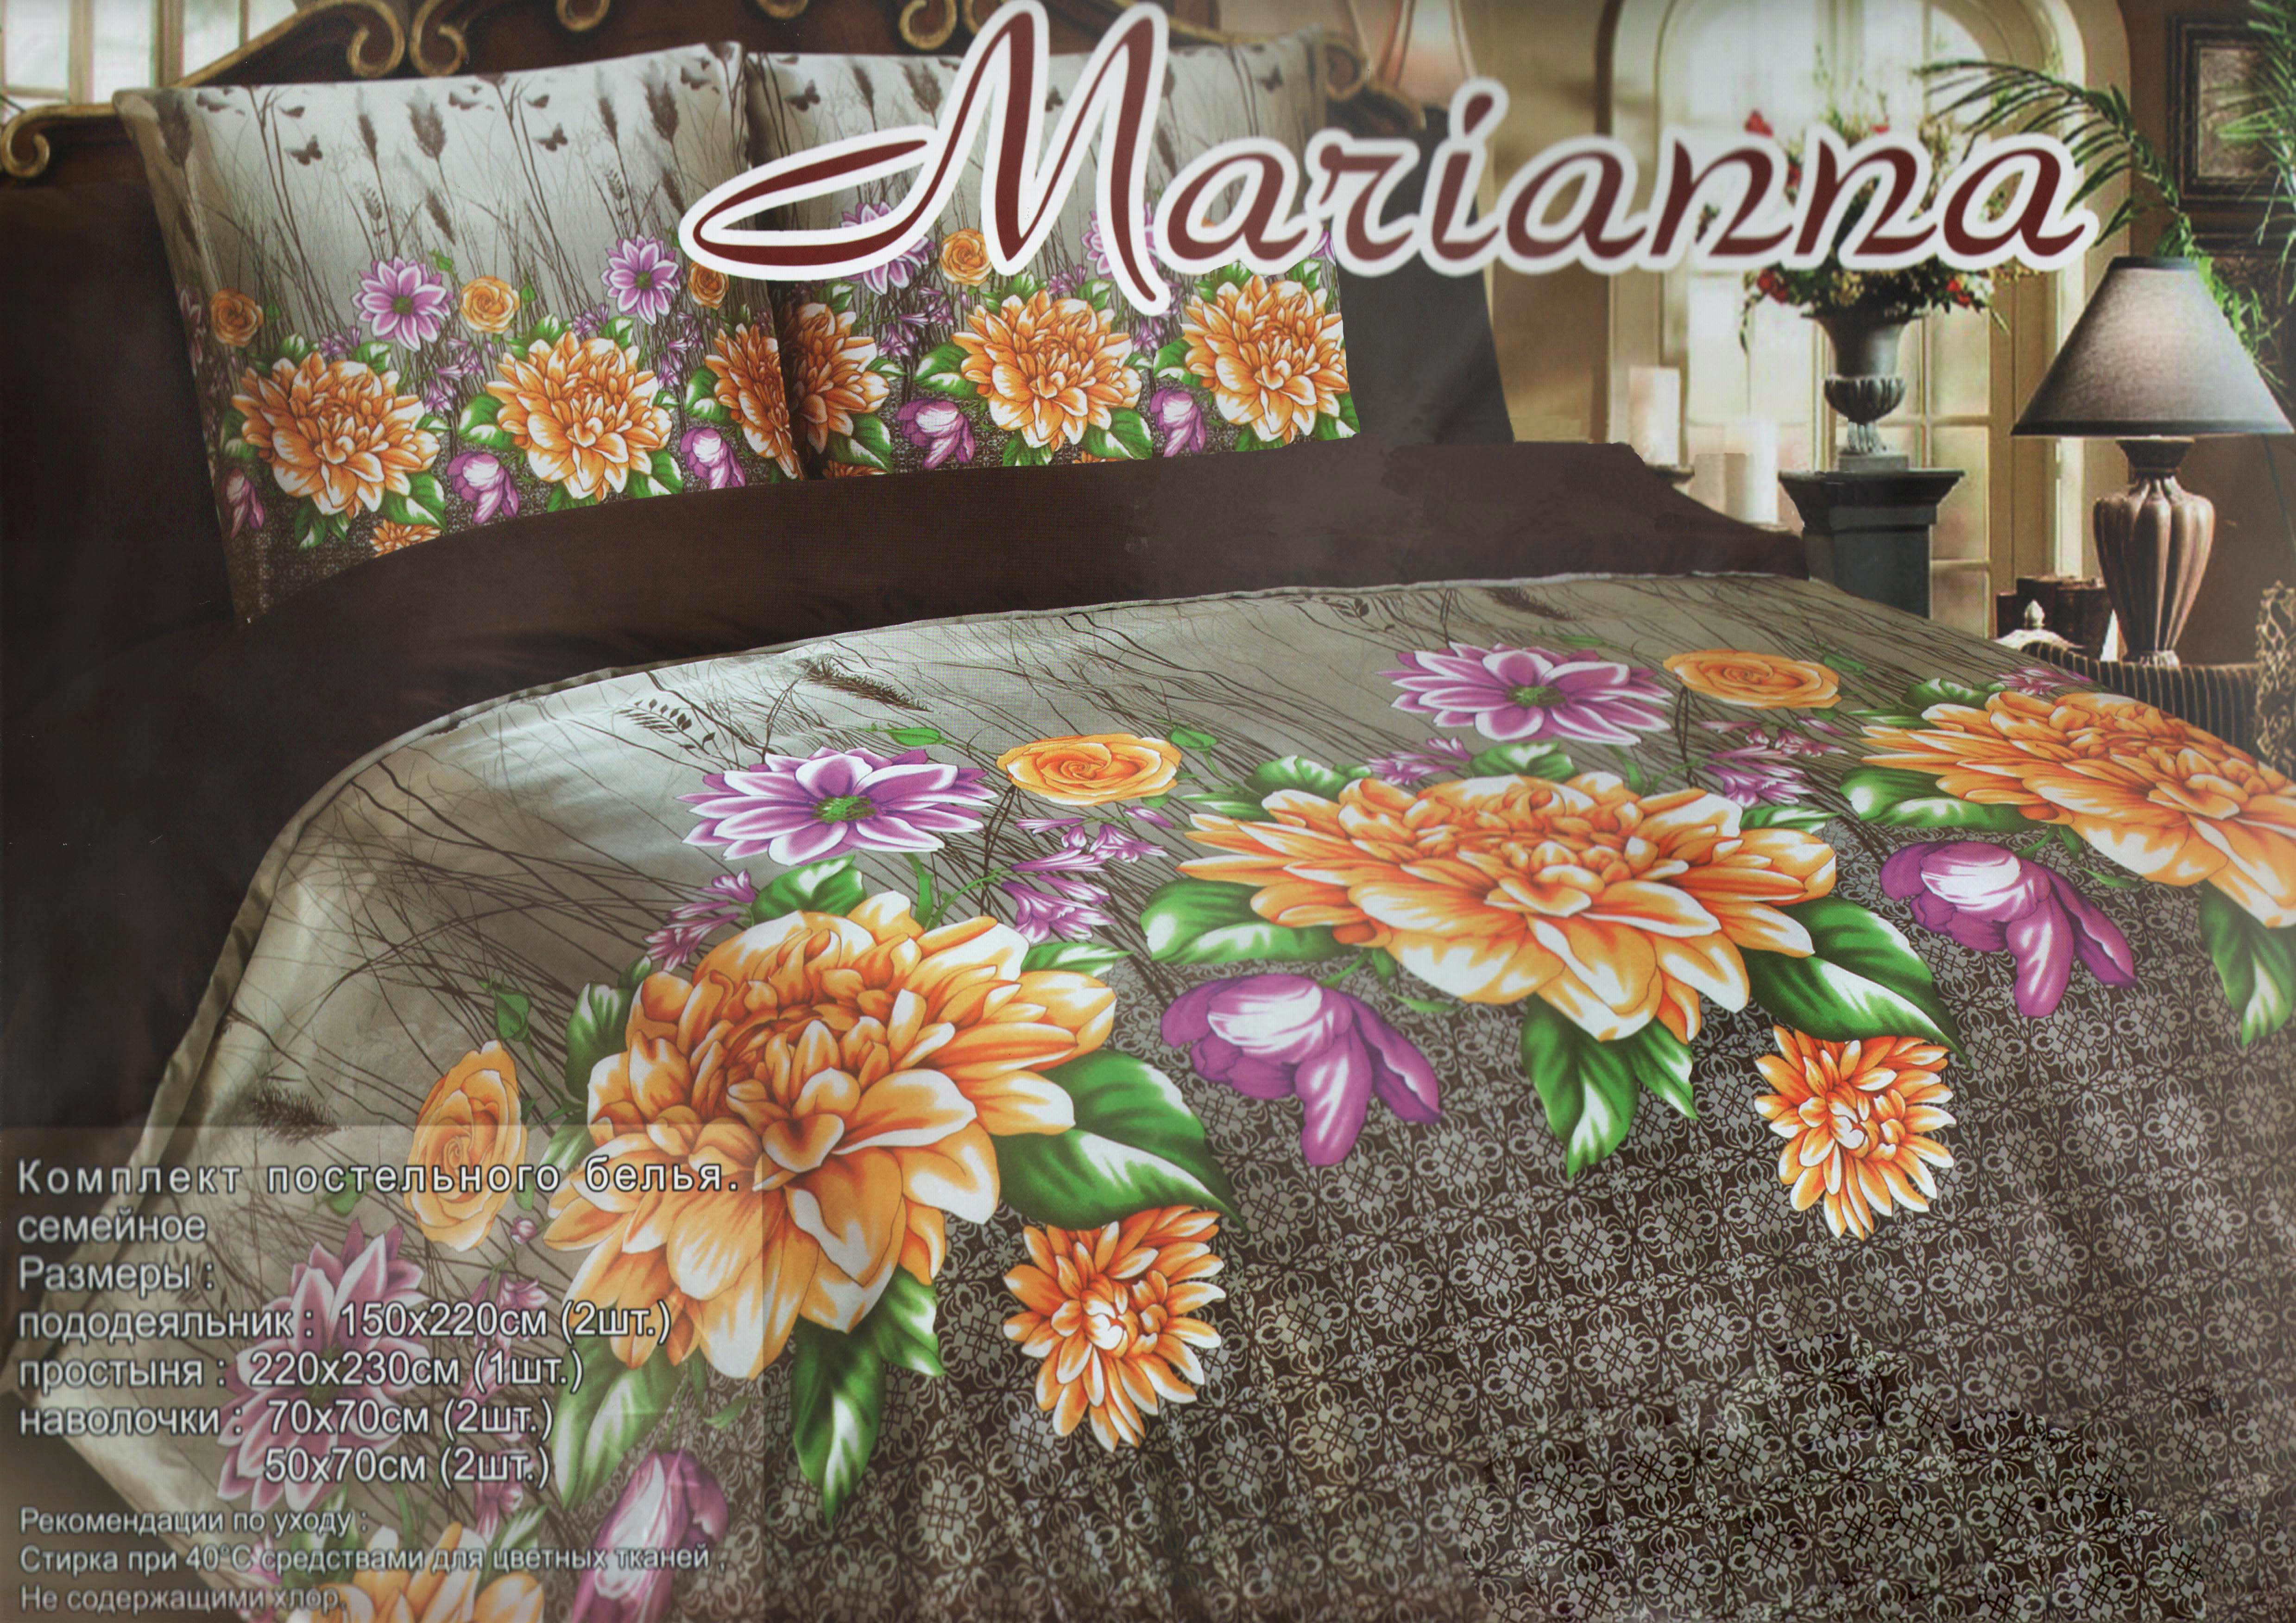 Постельное белье Marianna